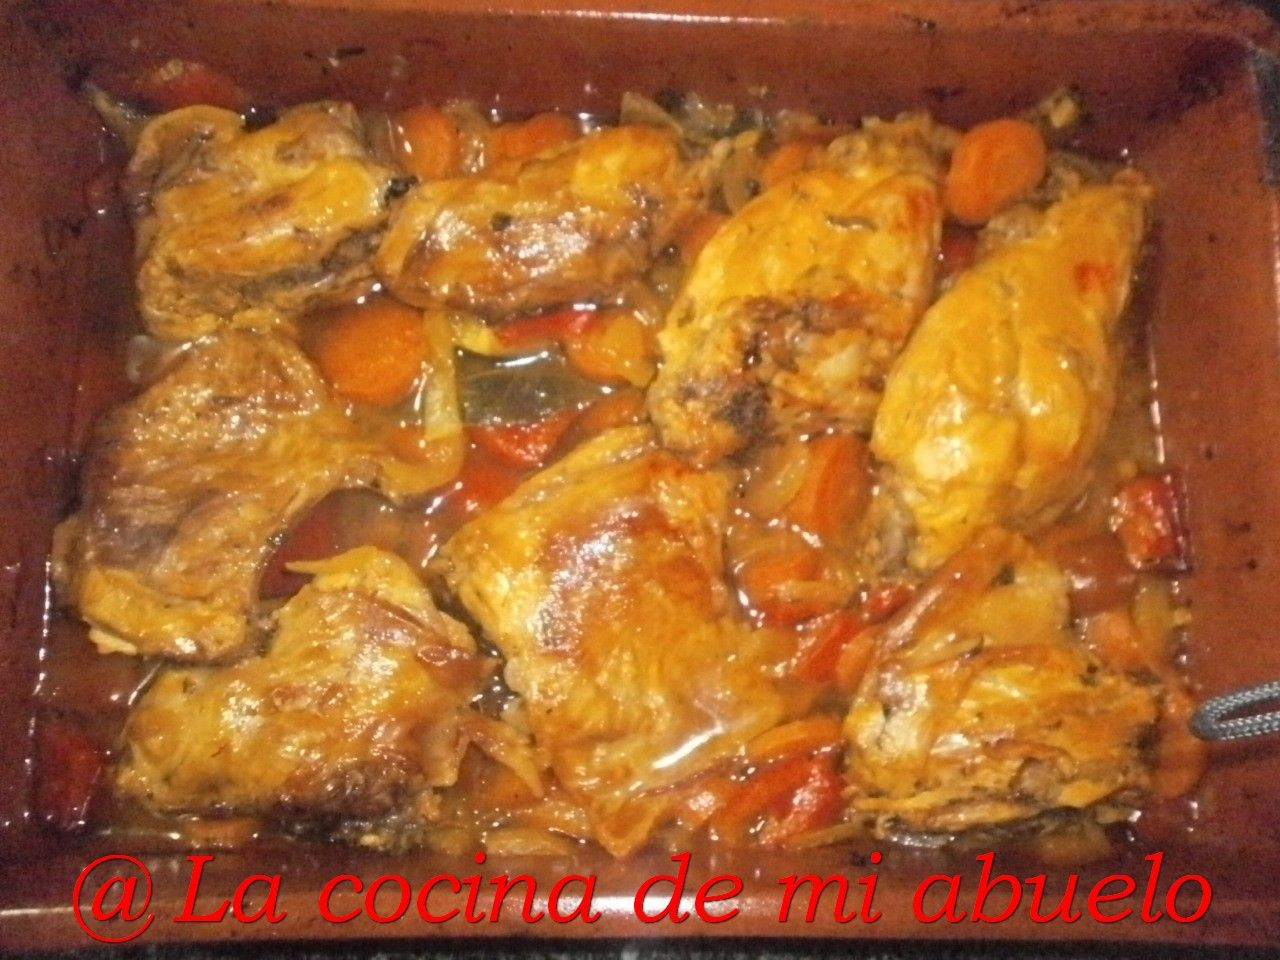 Blog De Cocina Gallega | Blog De Cocina Recetas Sencillas Y Cocina Gallega Conejo